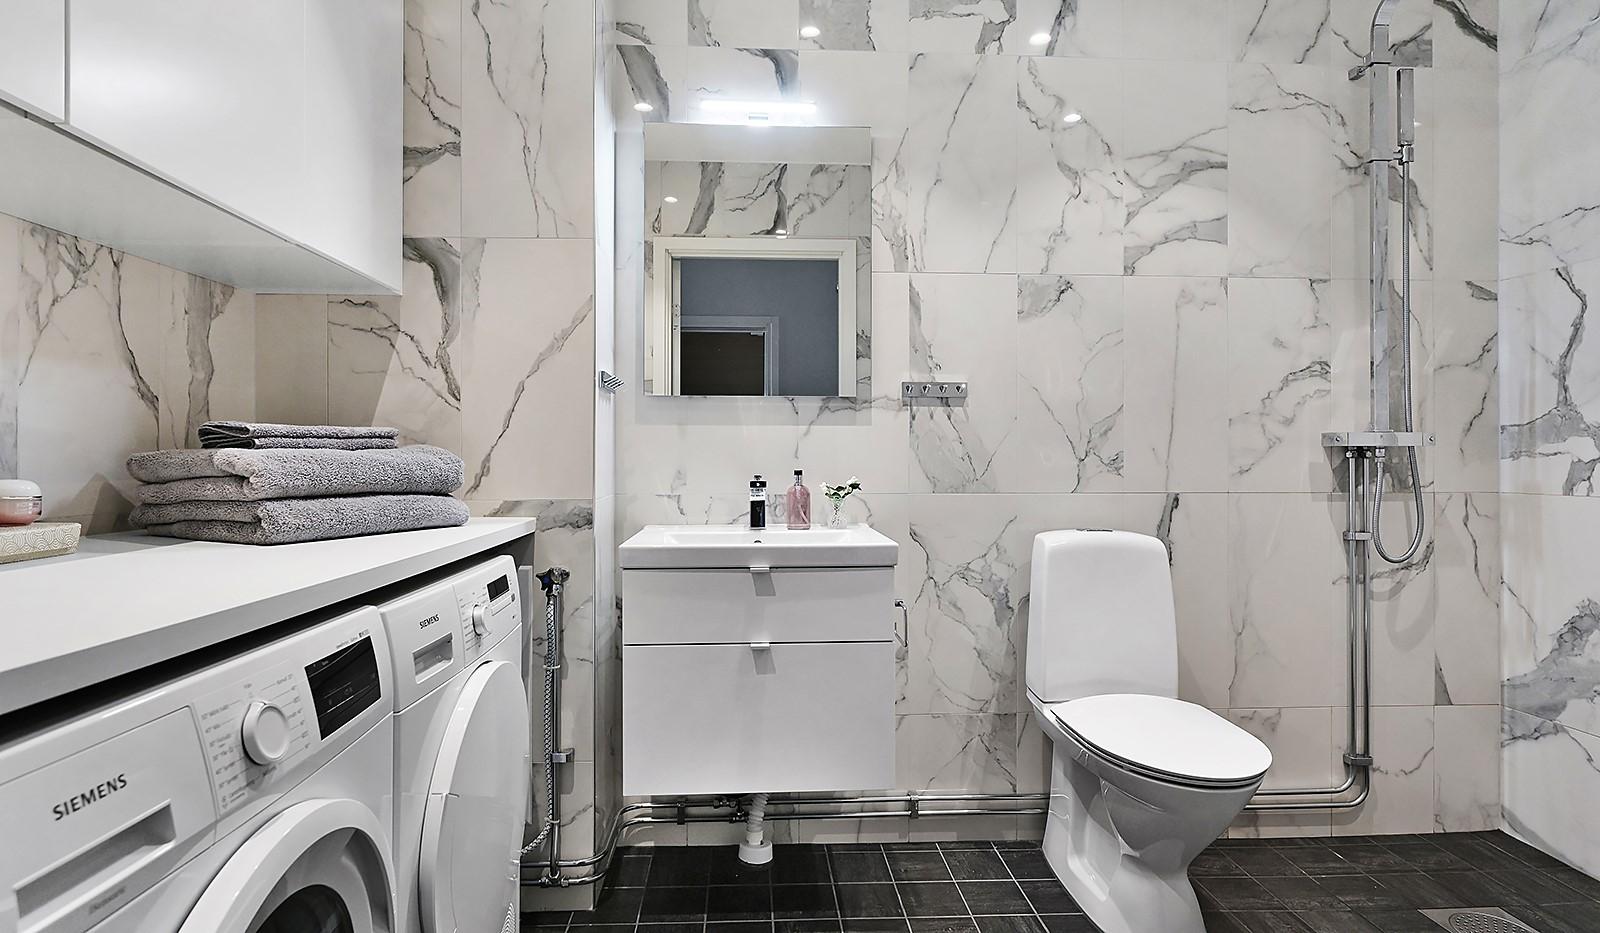 Sjöviksvägen 128, 7 tr. - Stilrent badrum inrett med exklusiva materialval